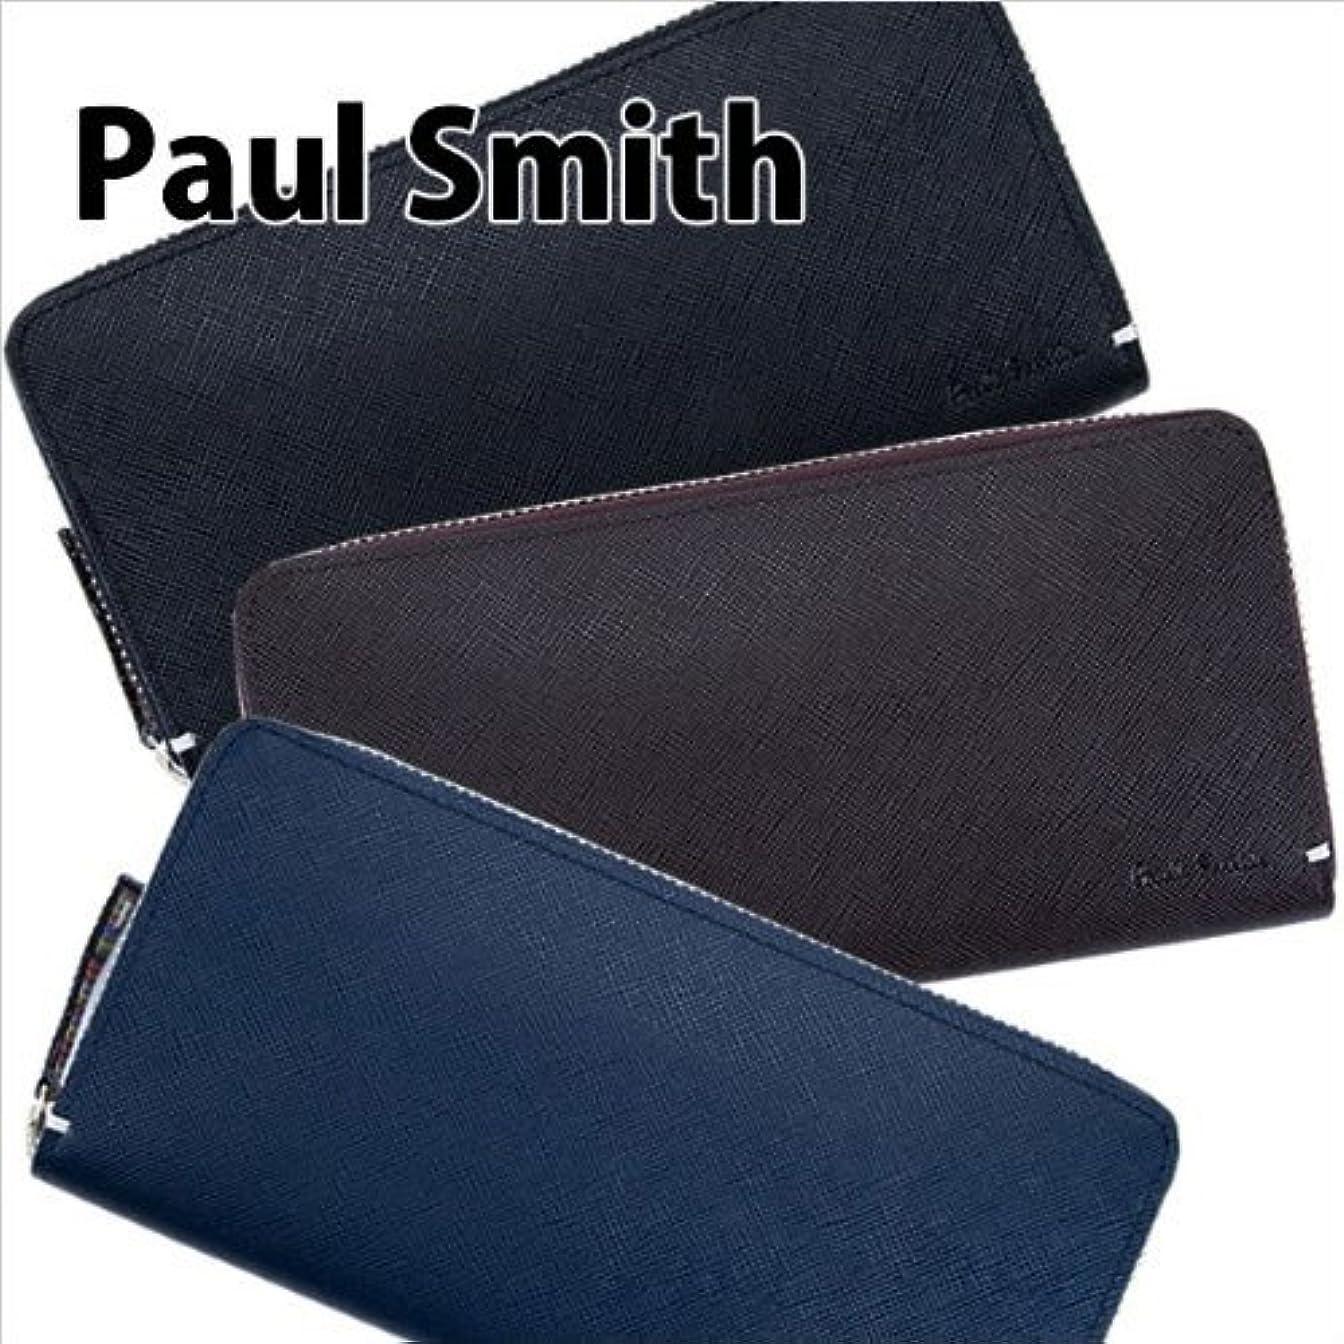 漂流哀れなデンプシーポールスミス Paul Smith 長財布 ラウンドファスナー 革製 レザー 男性用 メンズ ブラック PSK869-71 BLACK ブラック